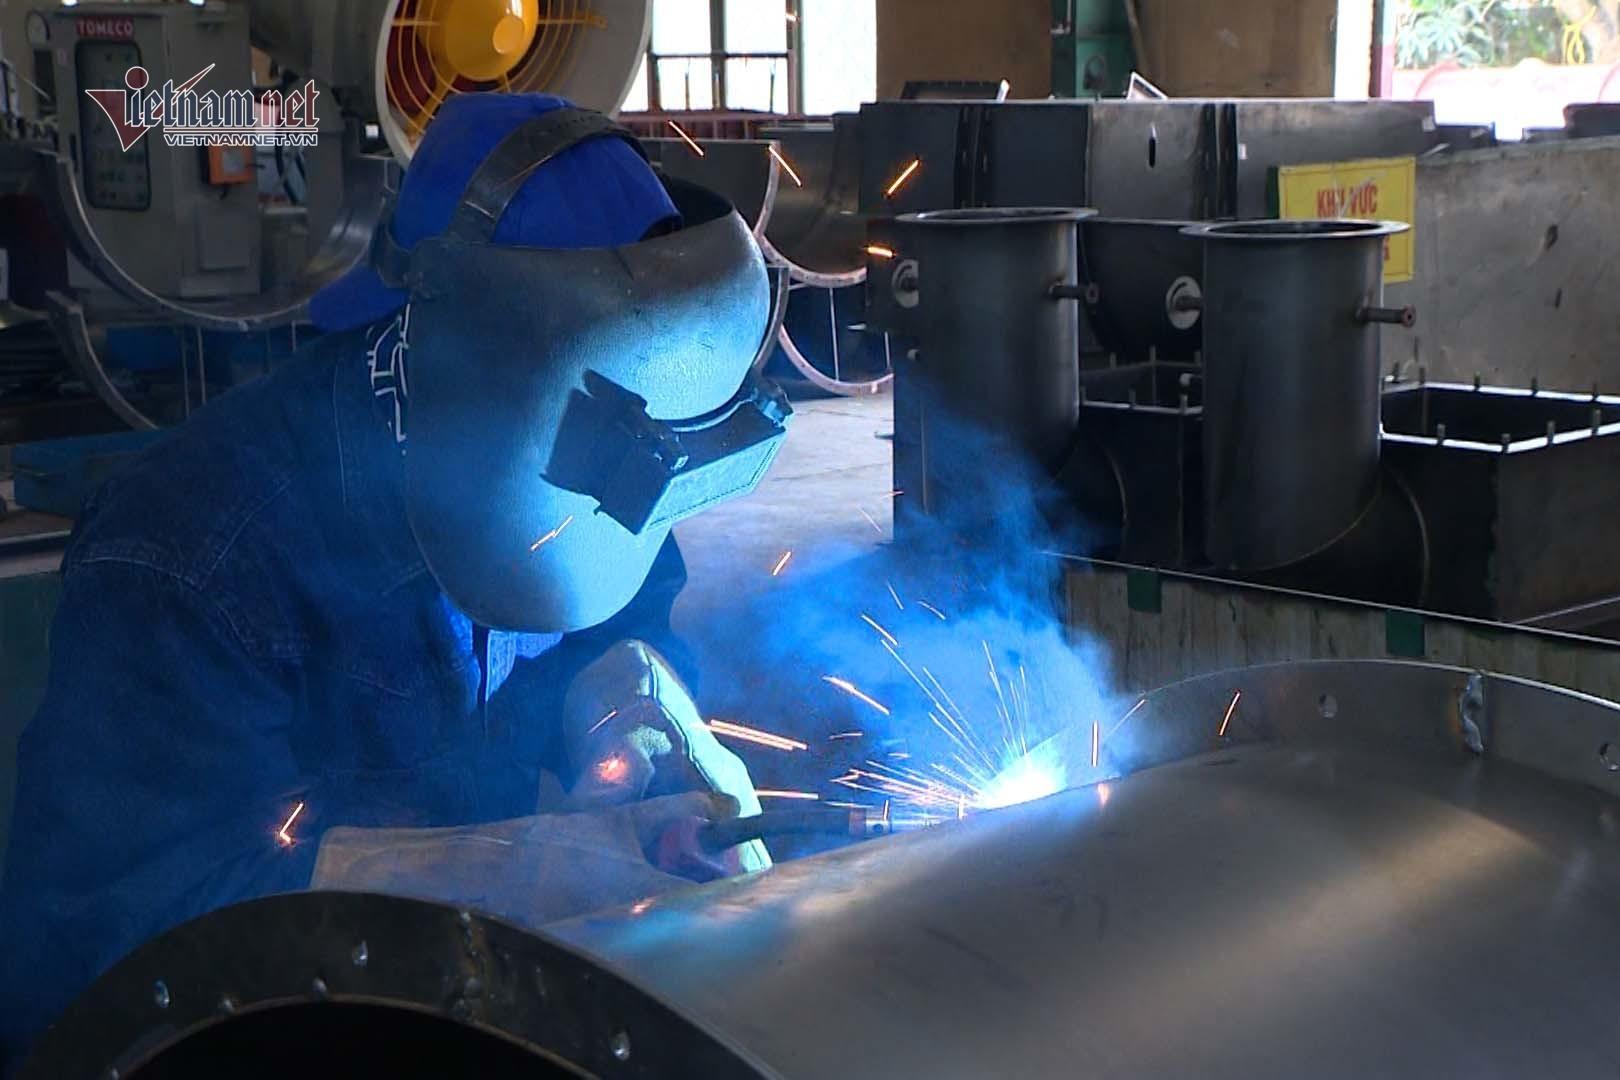 Điểm sáng công nghiệp chế biến, chế tạo